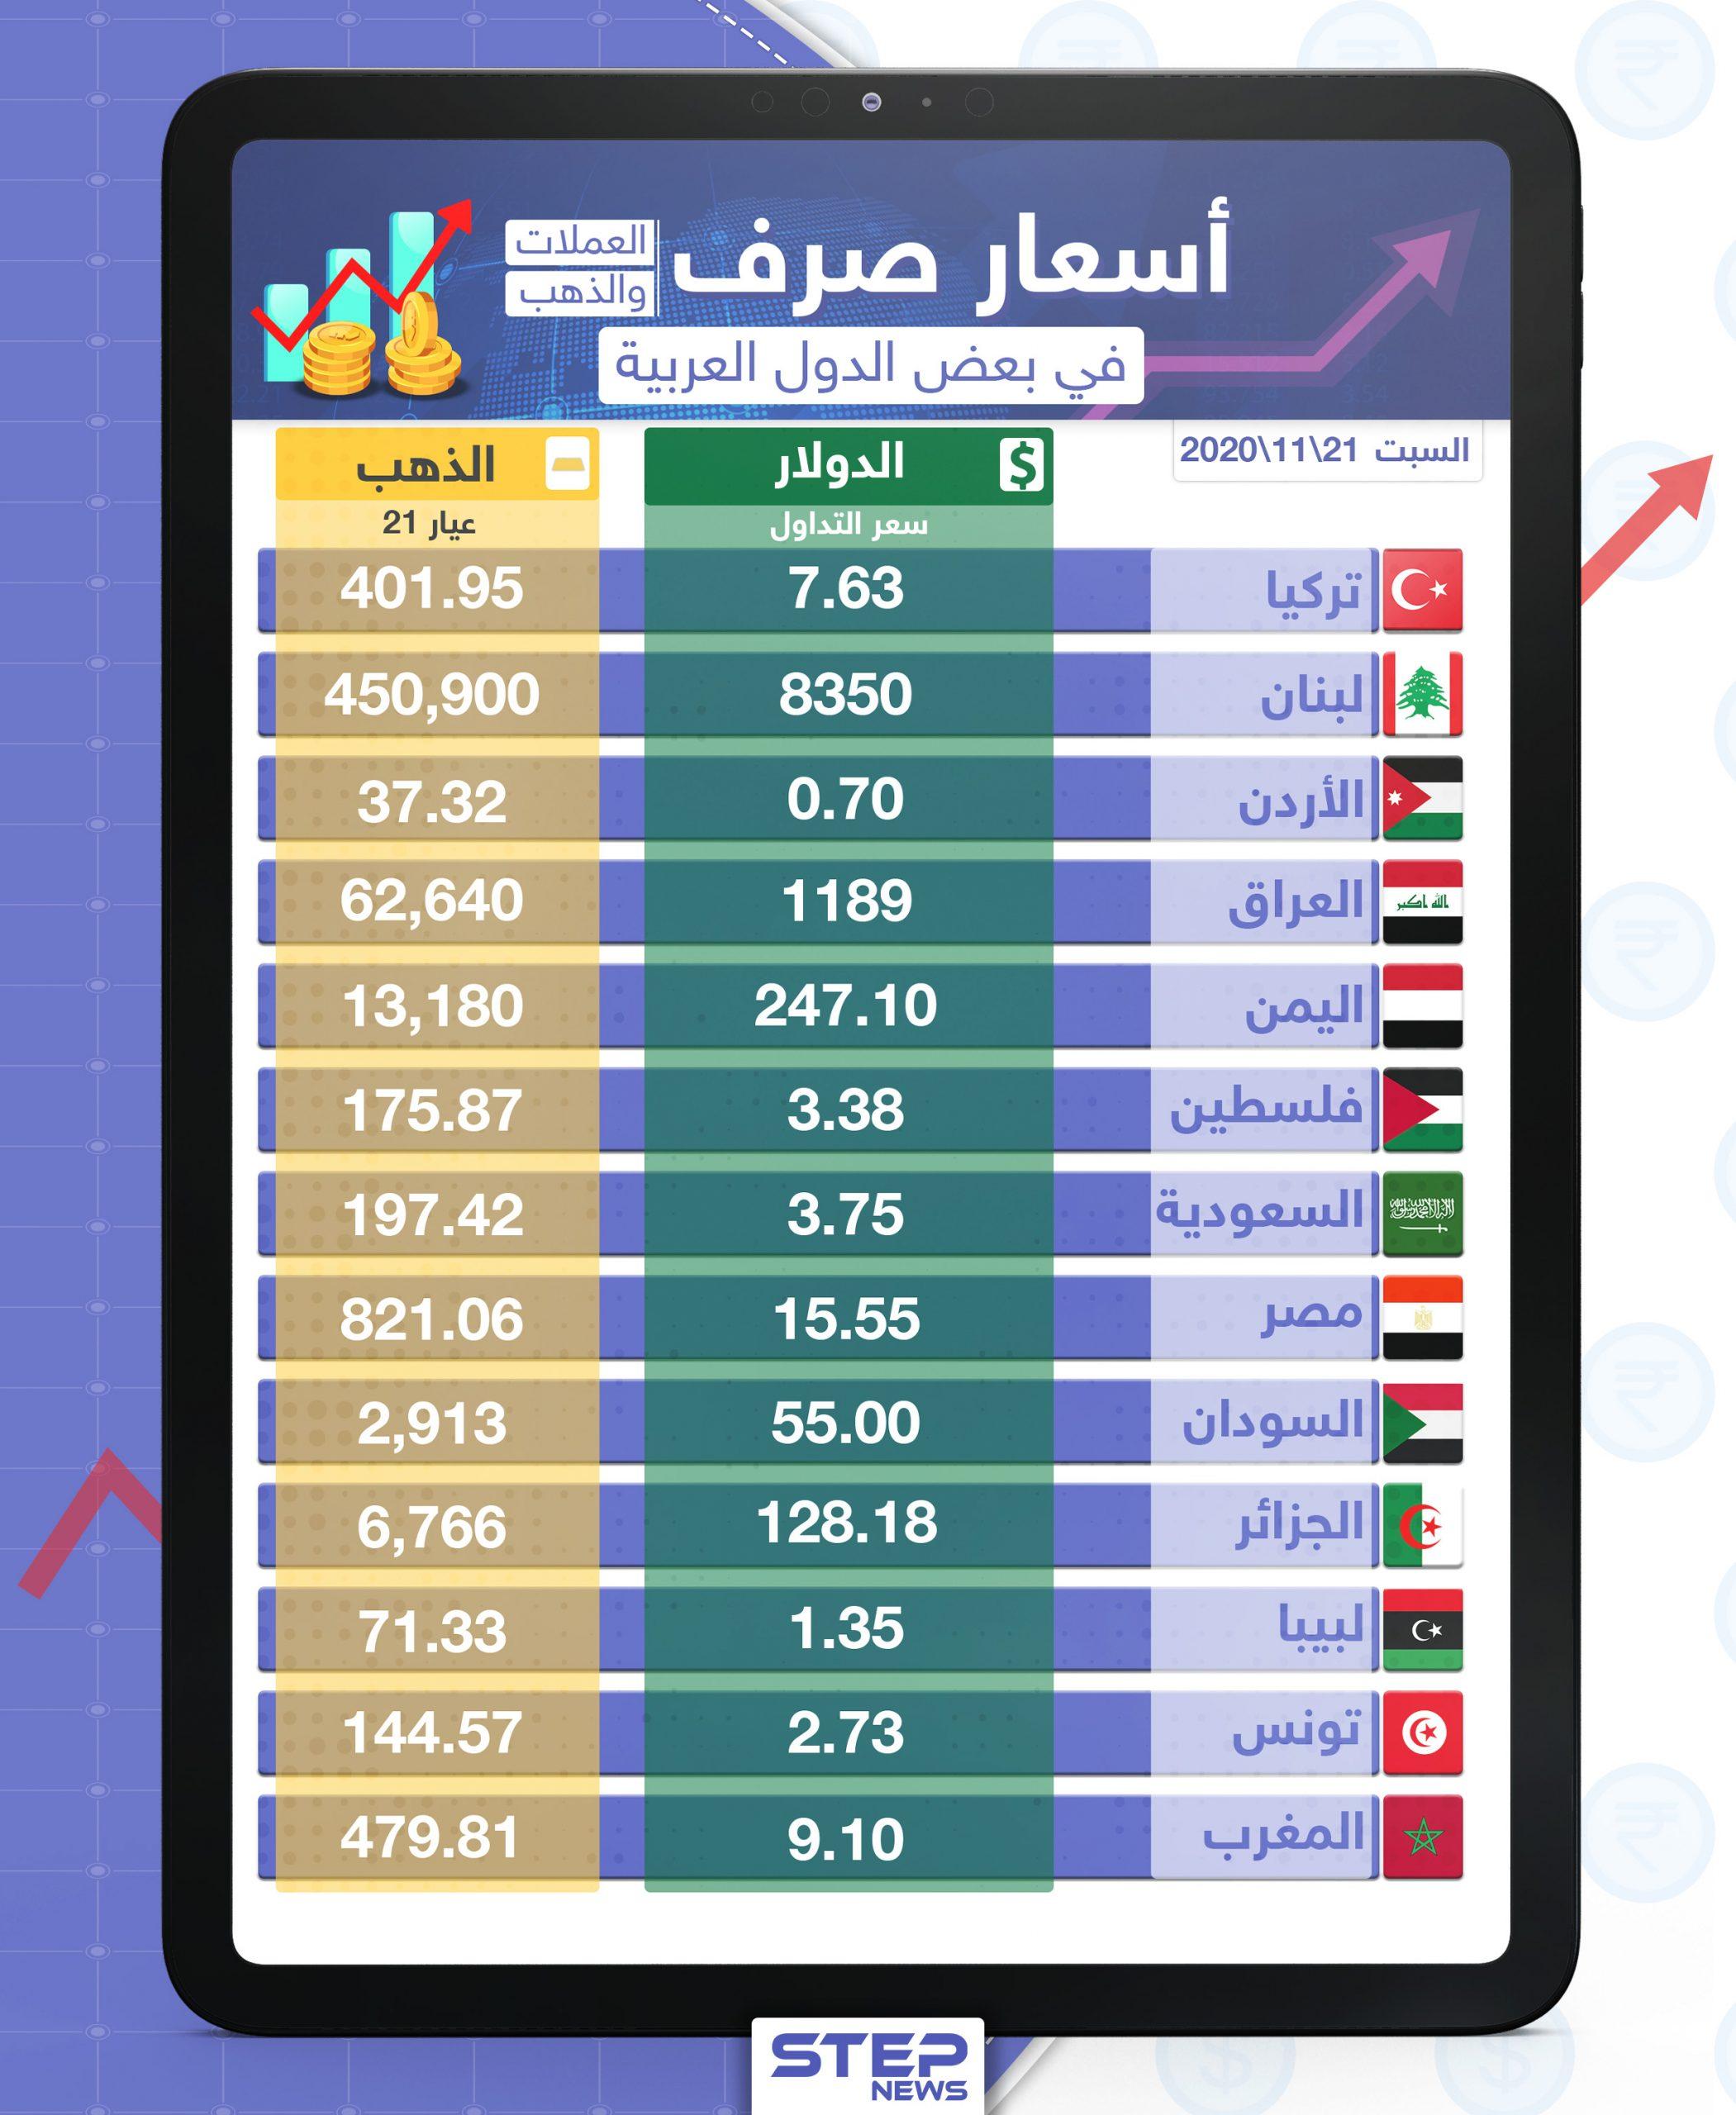 أسعار الذهب والعملات للدول العربية وتركيا اليوم السبت الموافق 21 تشرين الثاني 2020